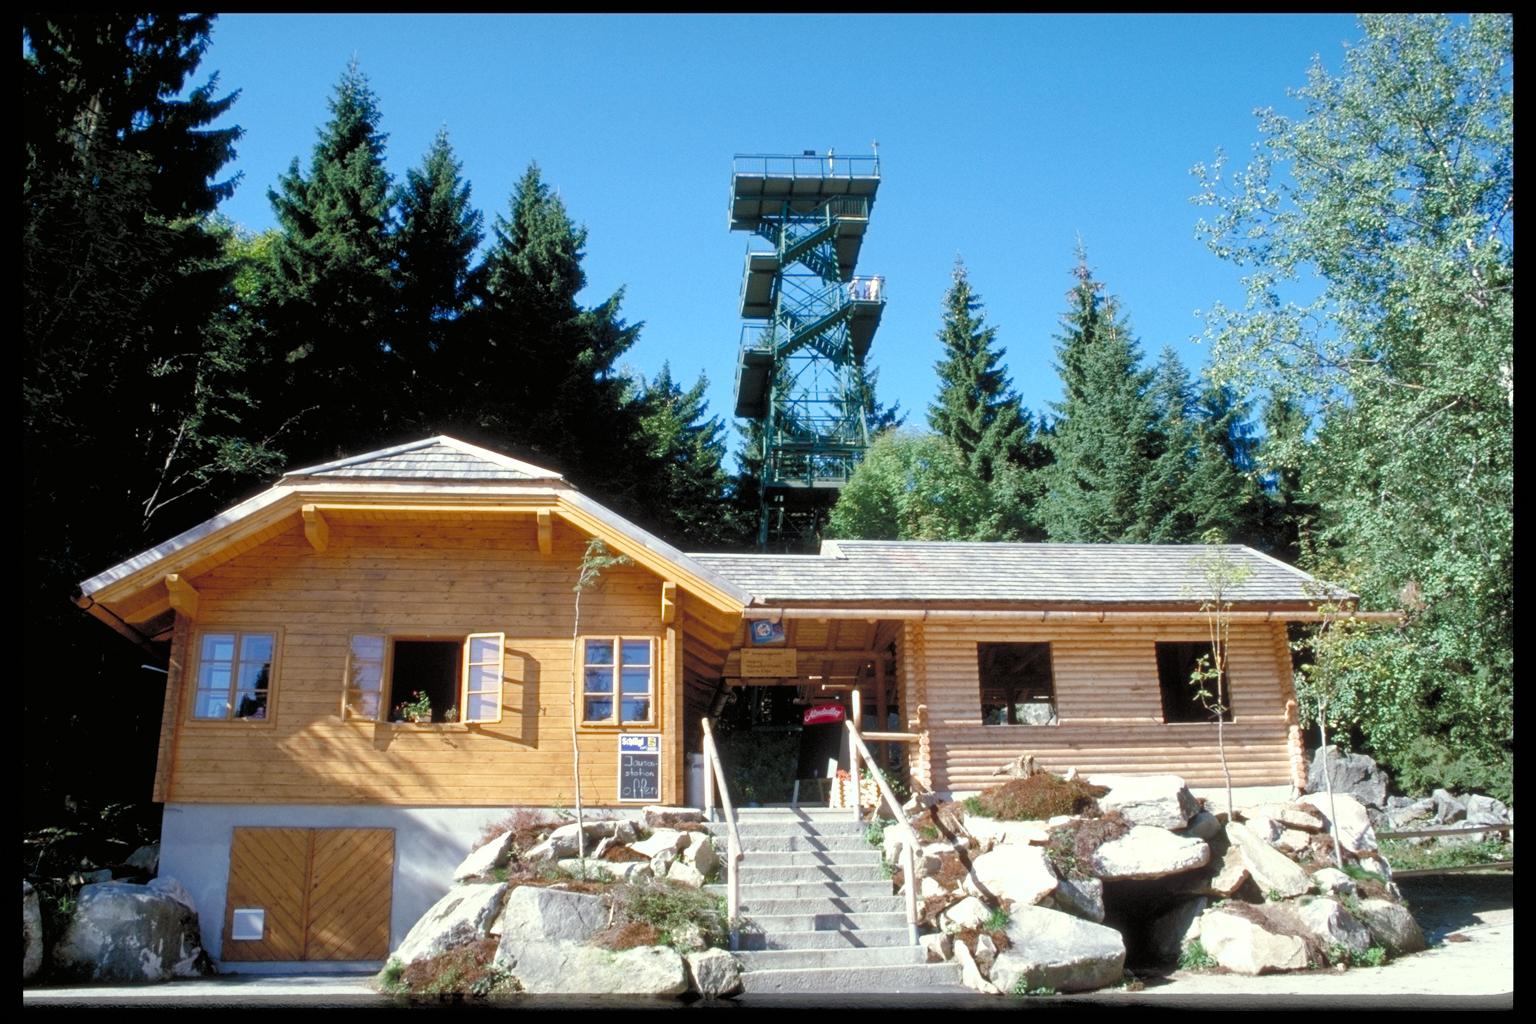 Holzschauhaus und Aussichtsturm Moldaublick, @TVBöhmerwald